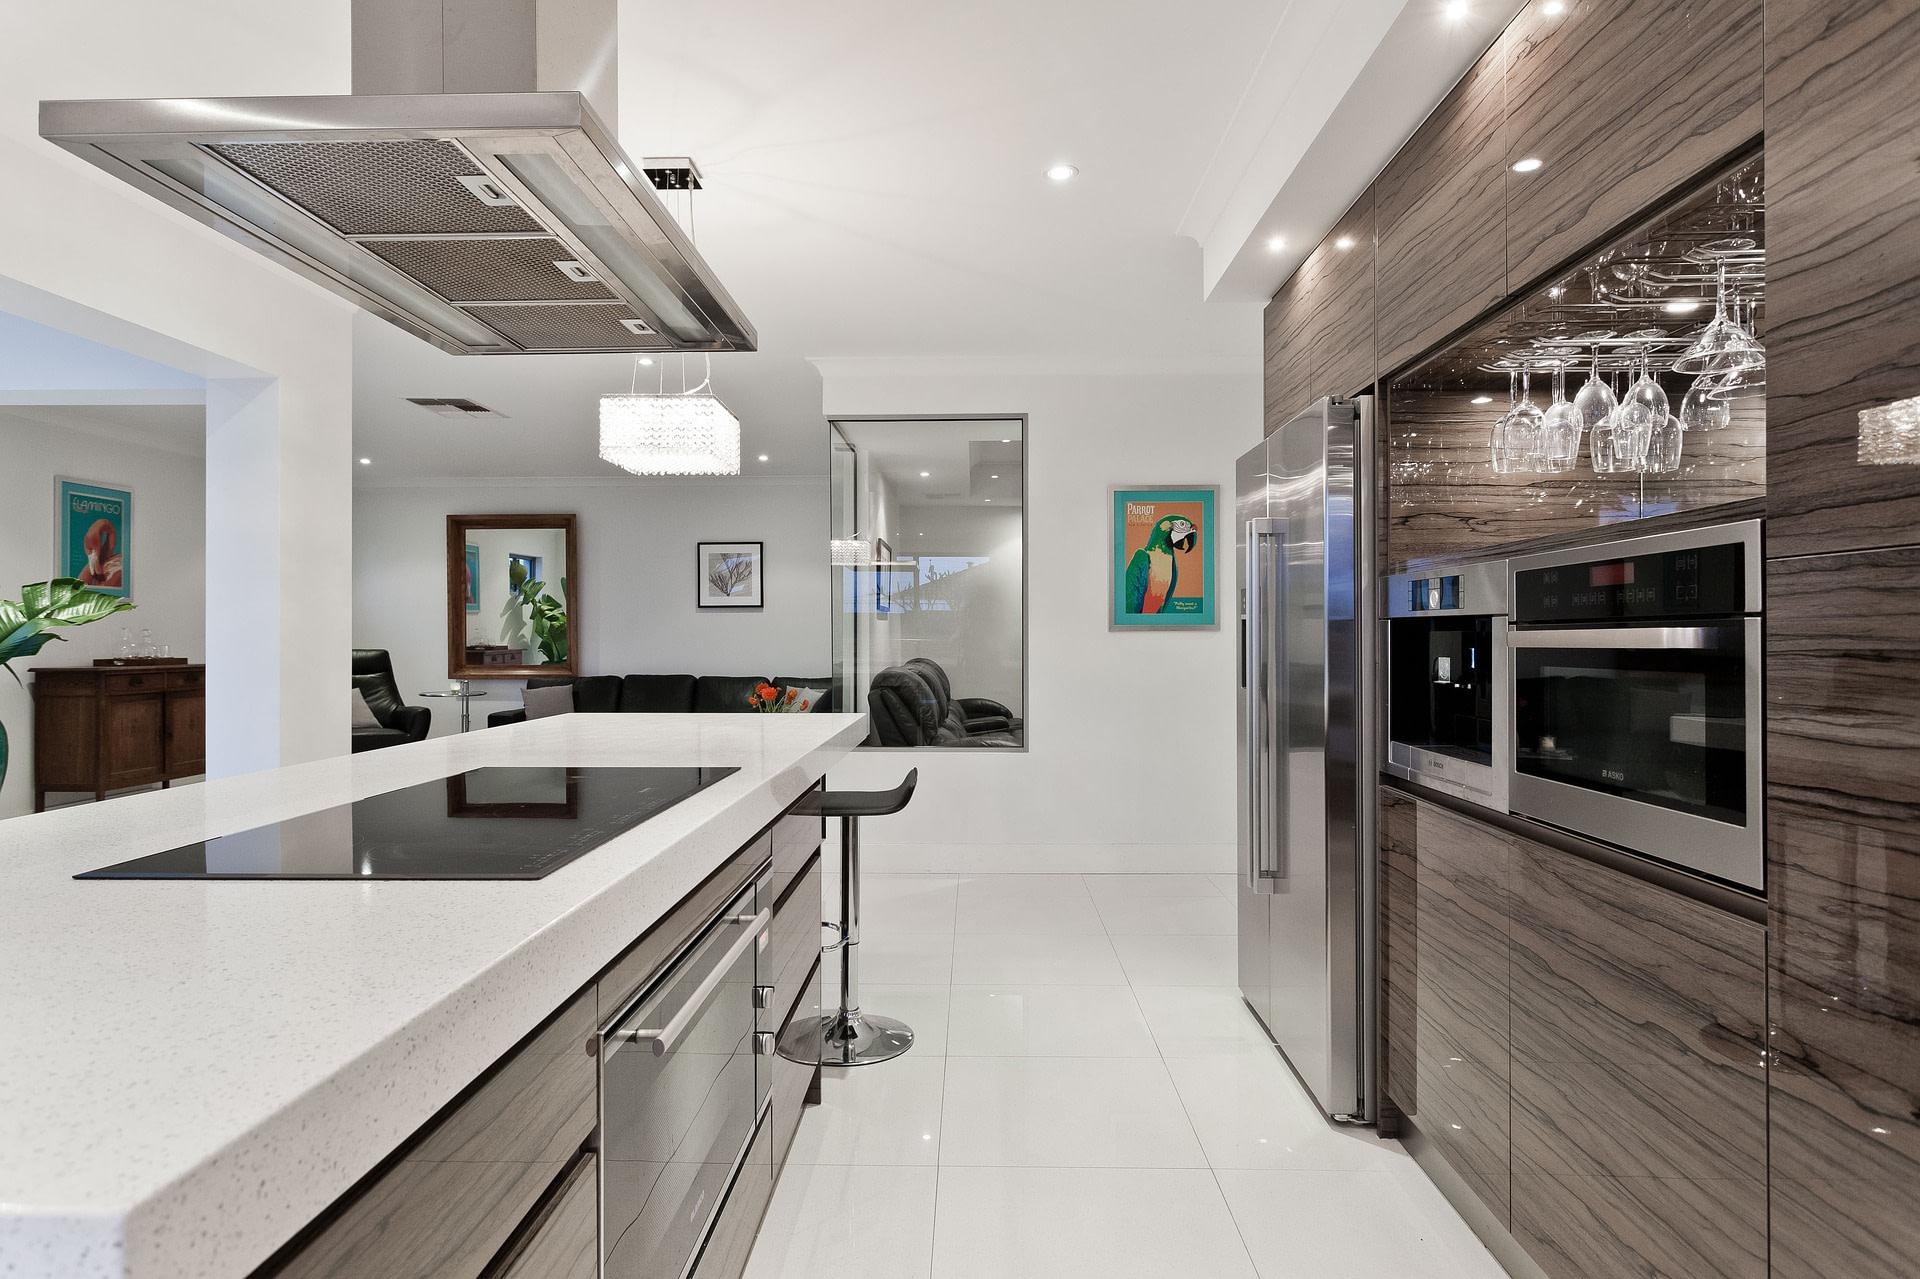 steam oven in a modern kitchen